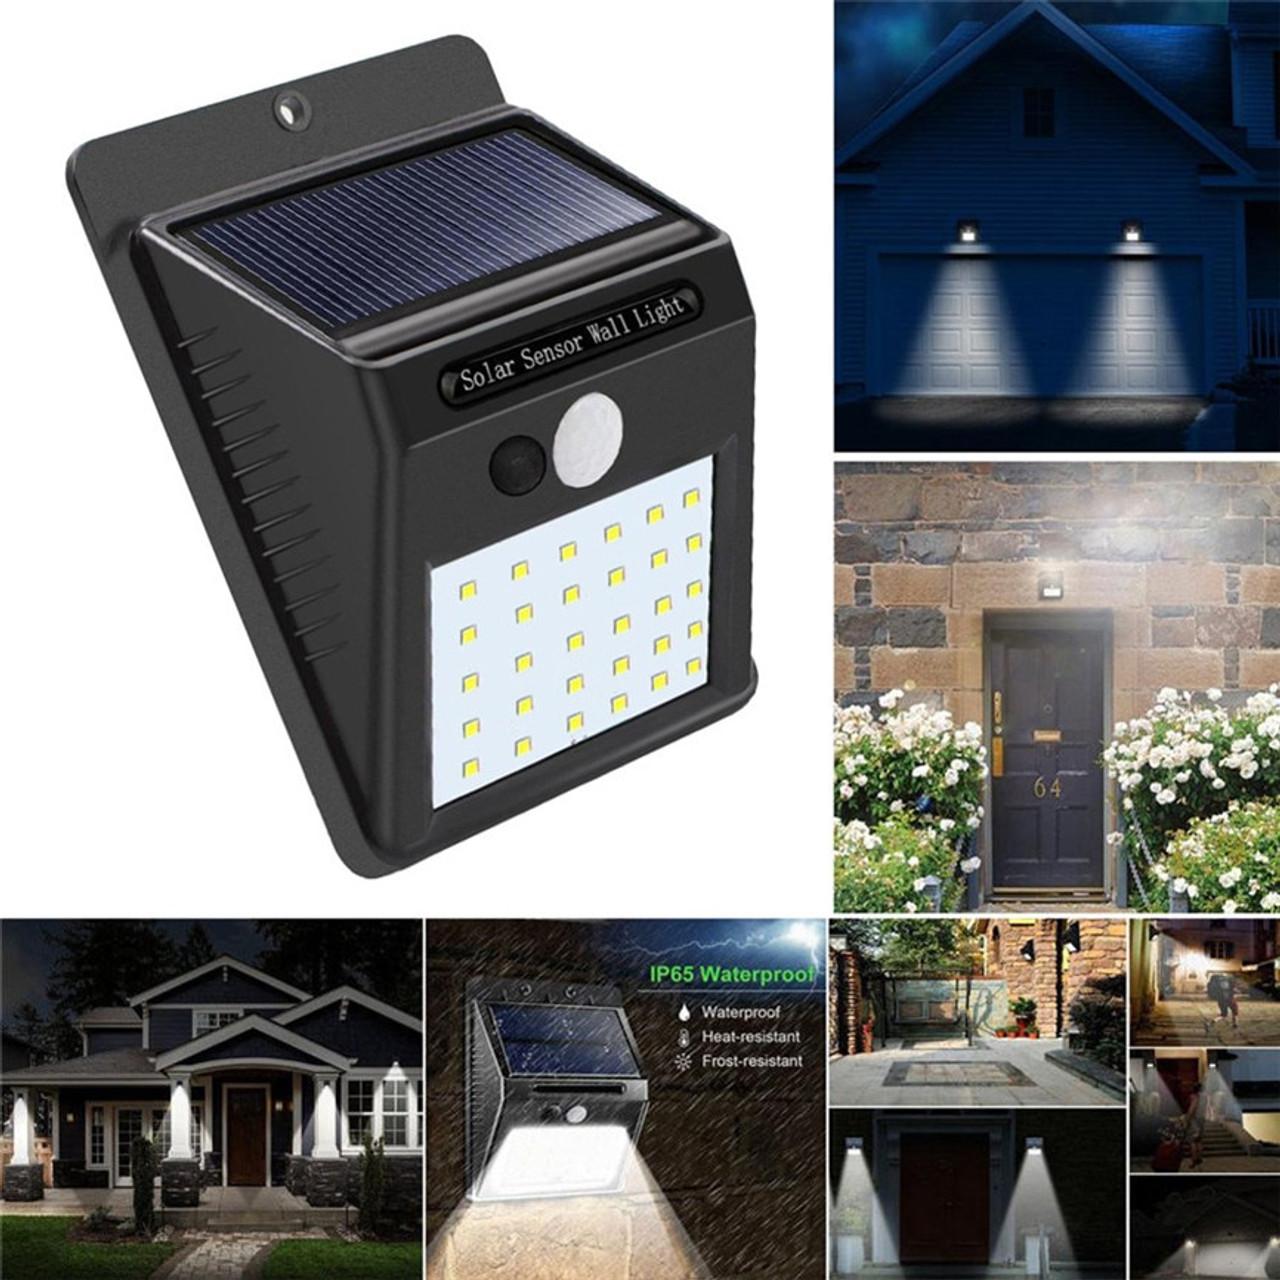 30 Led Outdoor Solar Wall Lamps Garden Light Decoration Pir Motion Sensor Night Security Wall Light Waterproof Wall Lamp Onshopdeals Com